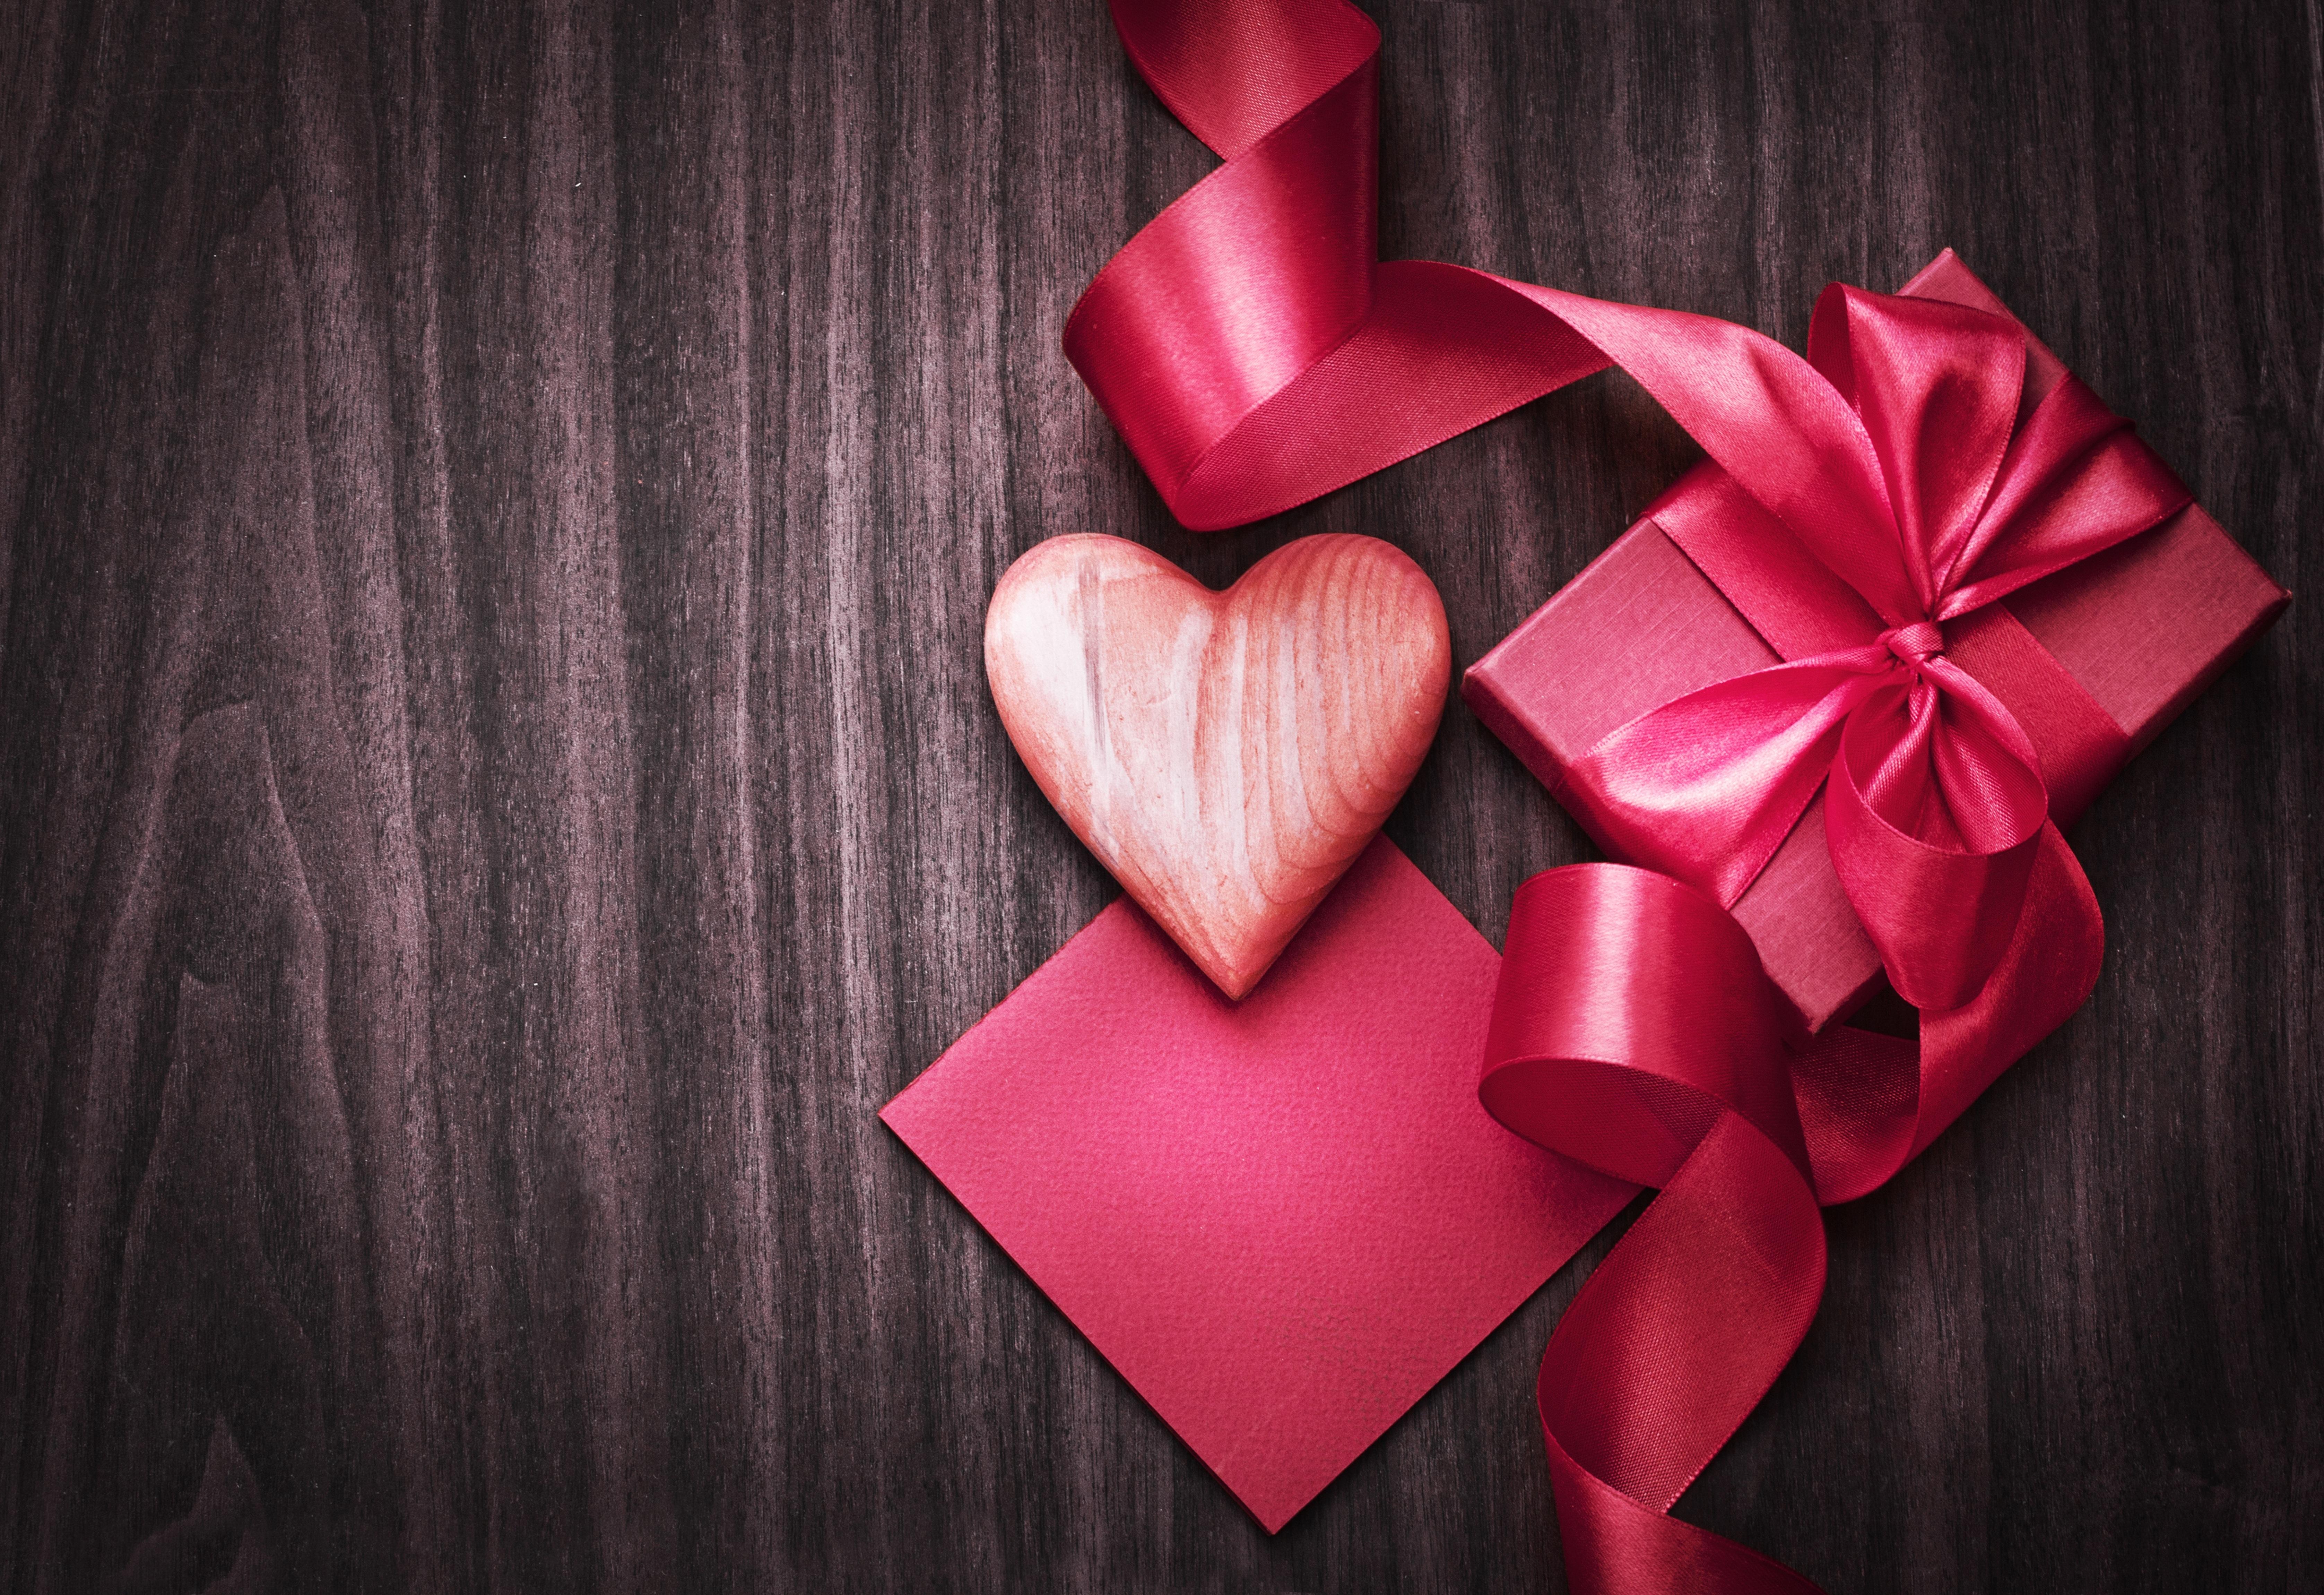 моду вернулись фотографии сердечек для поздравления работать